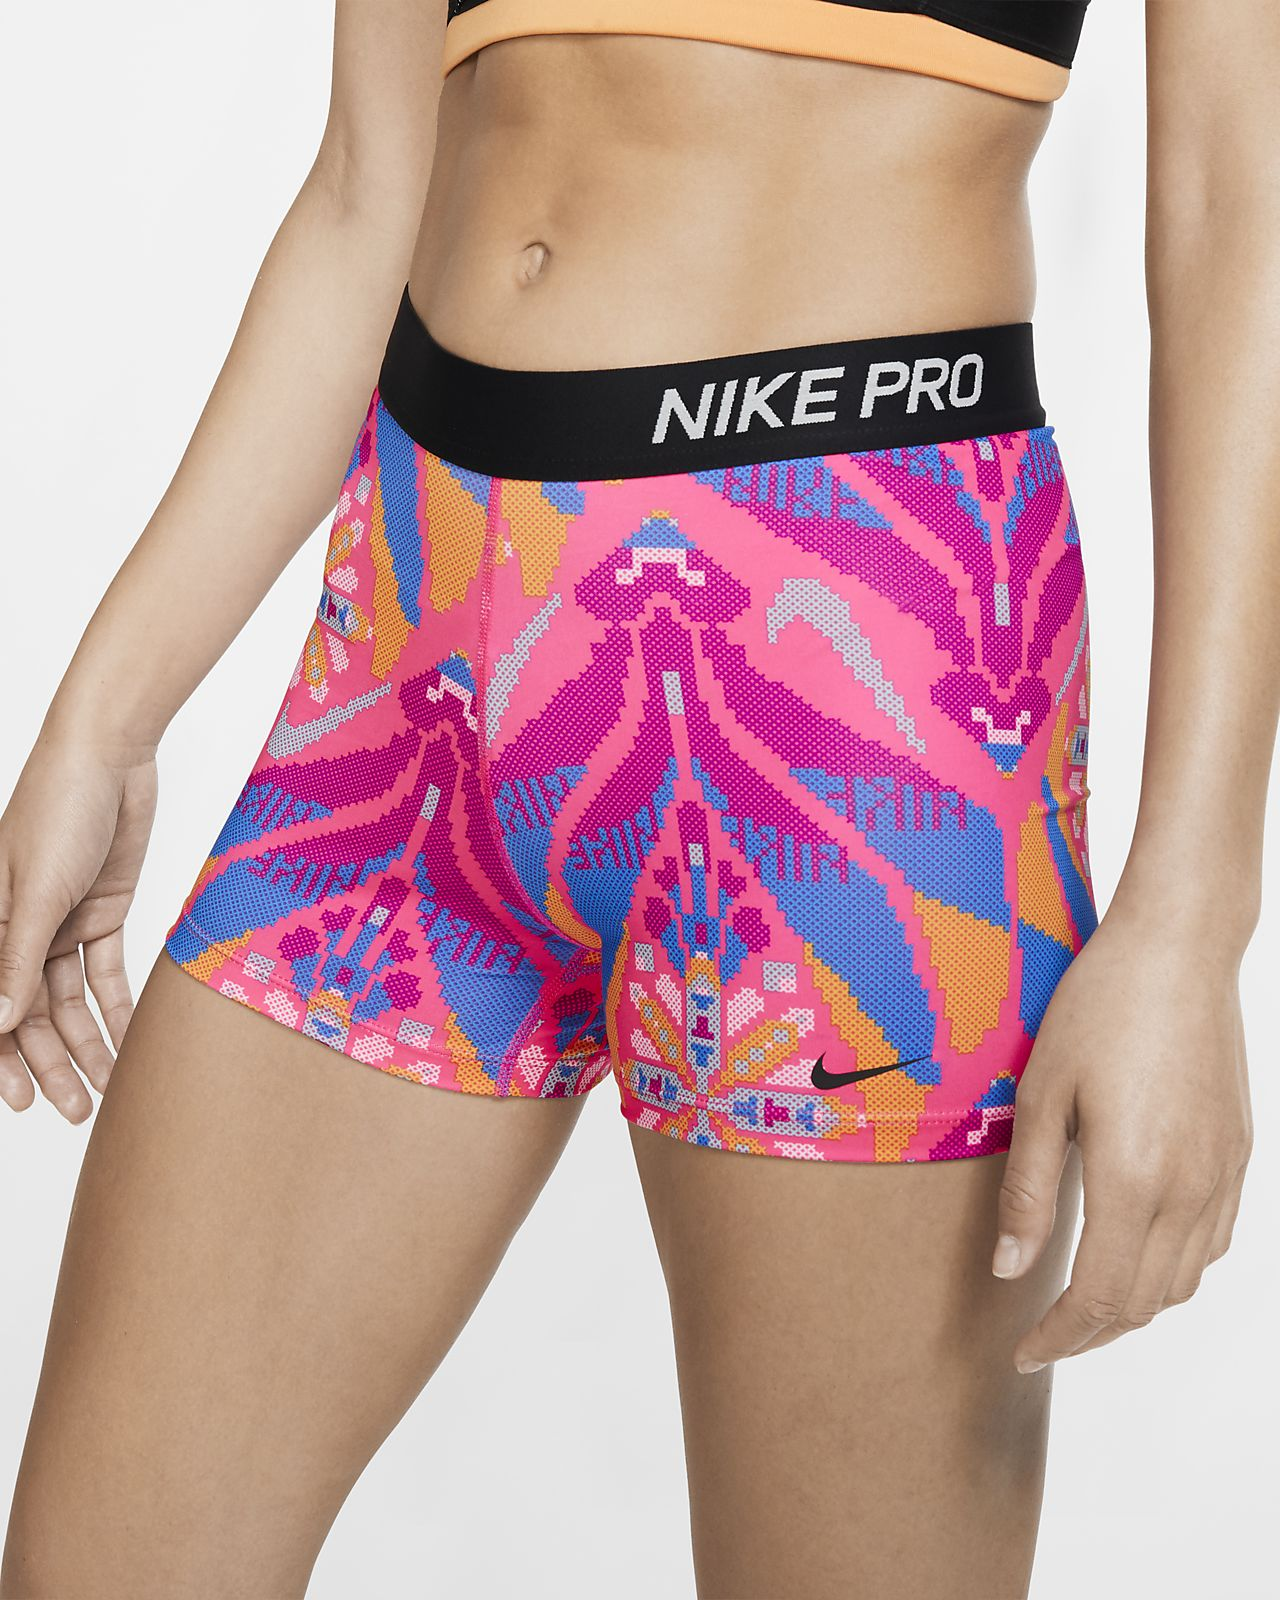 Short imprimé Nike Pro 8 cm pour Femme